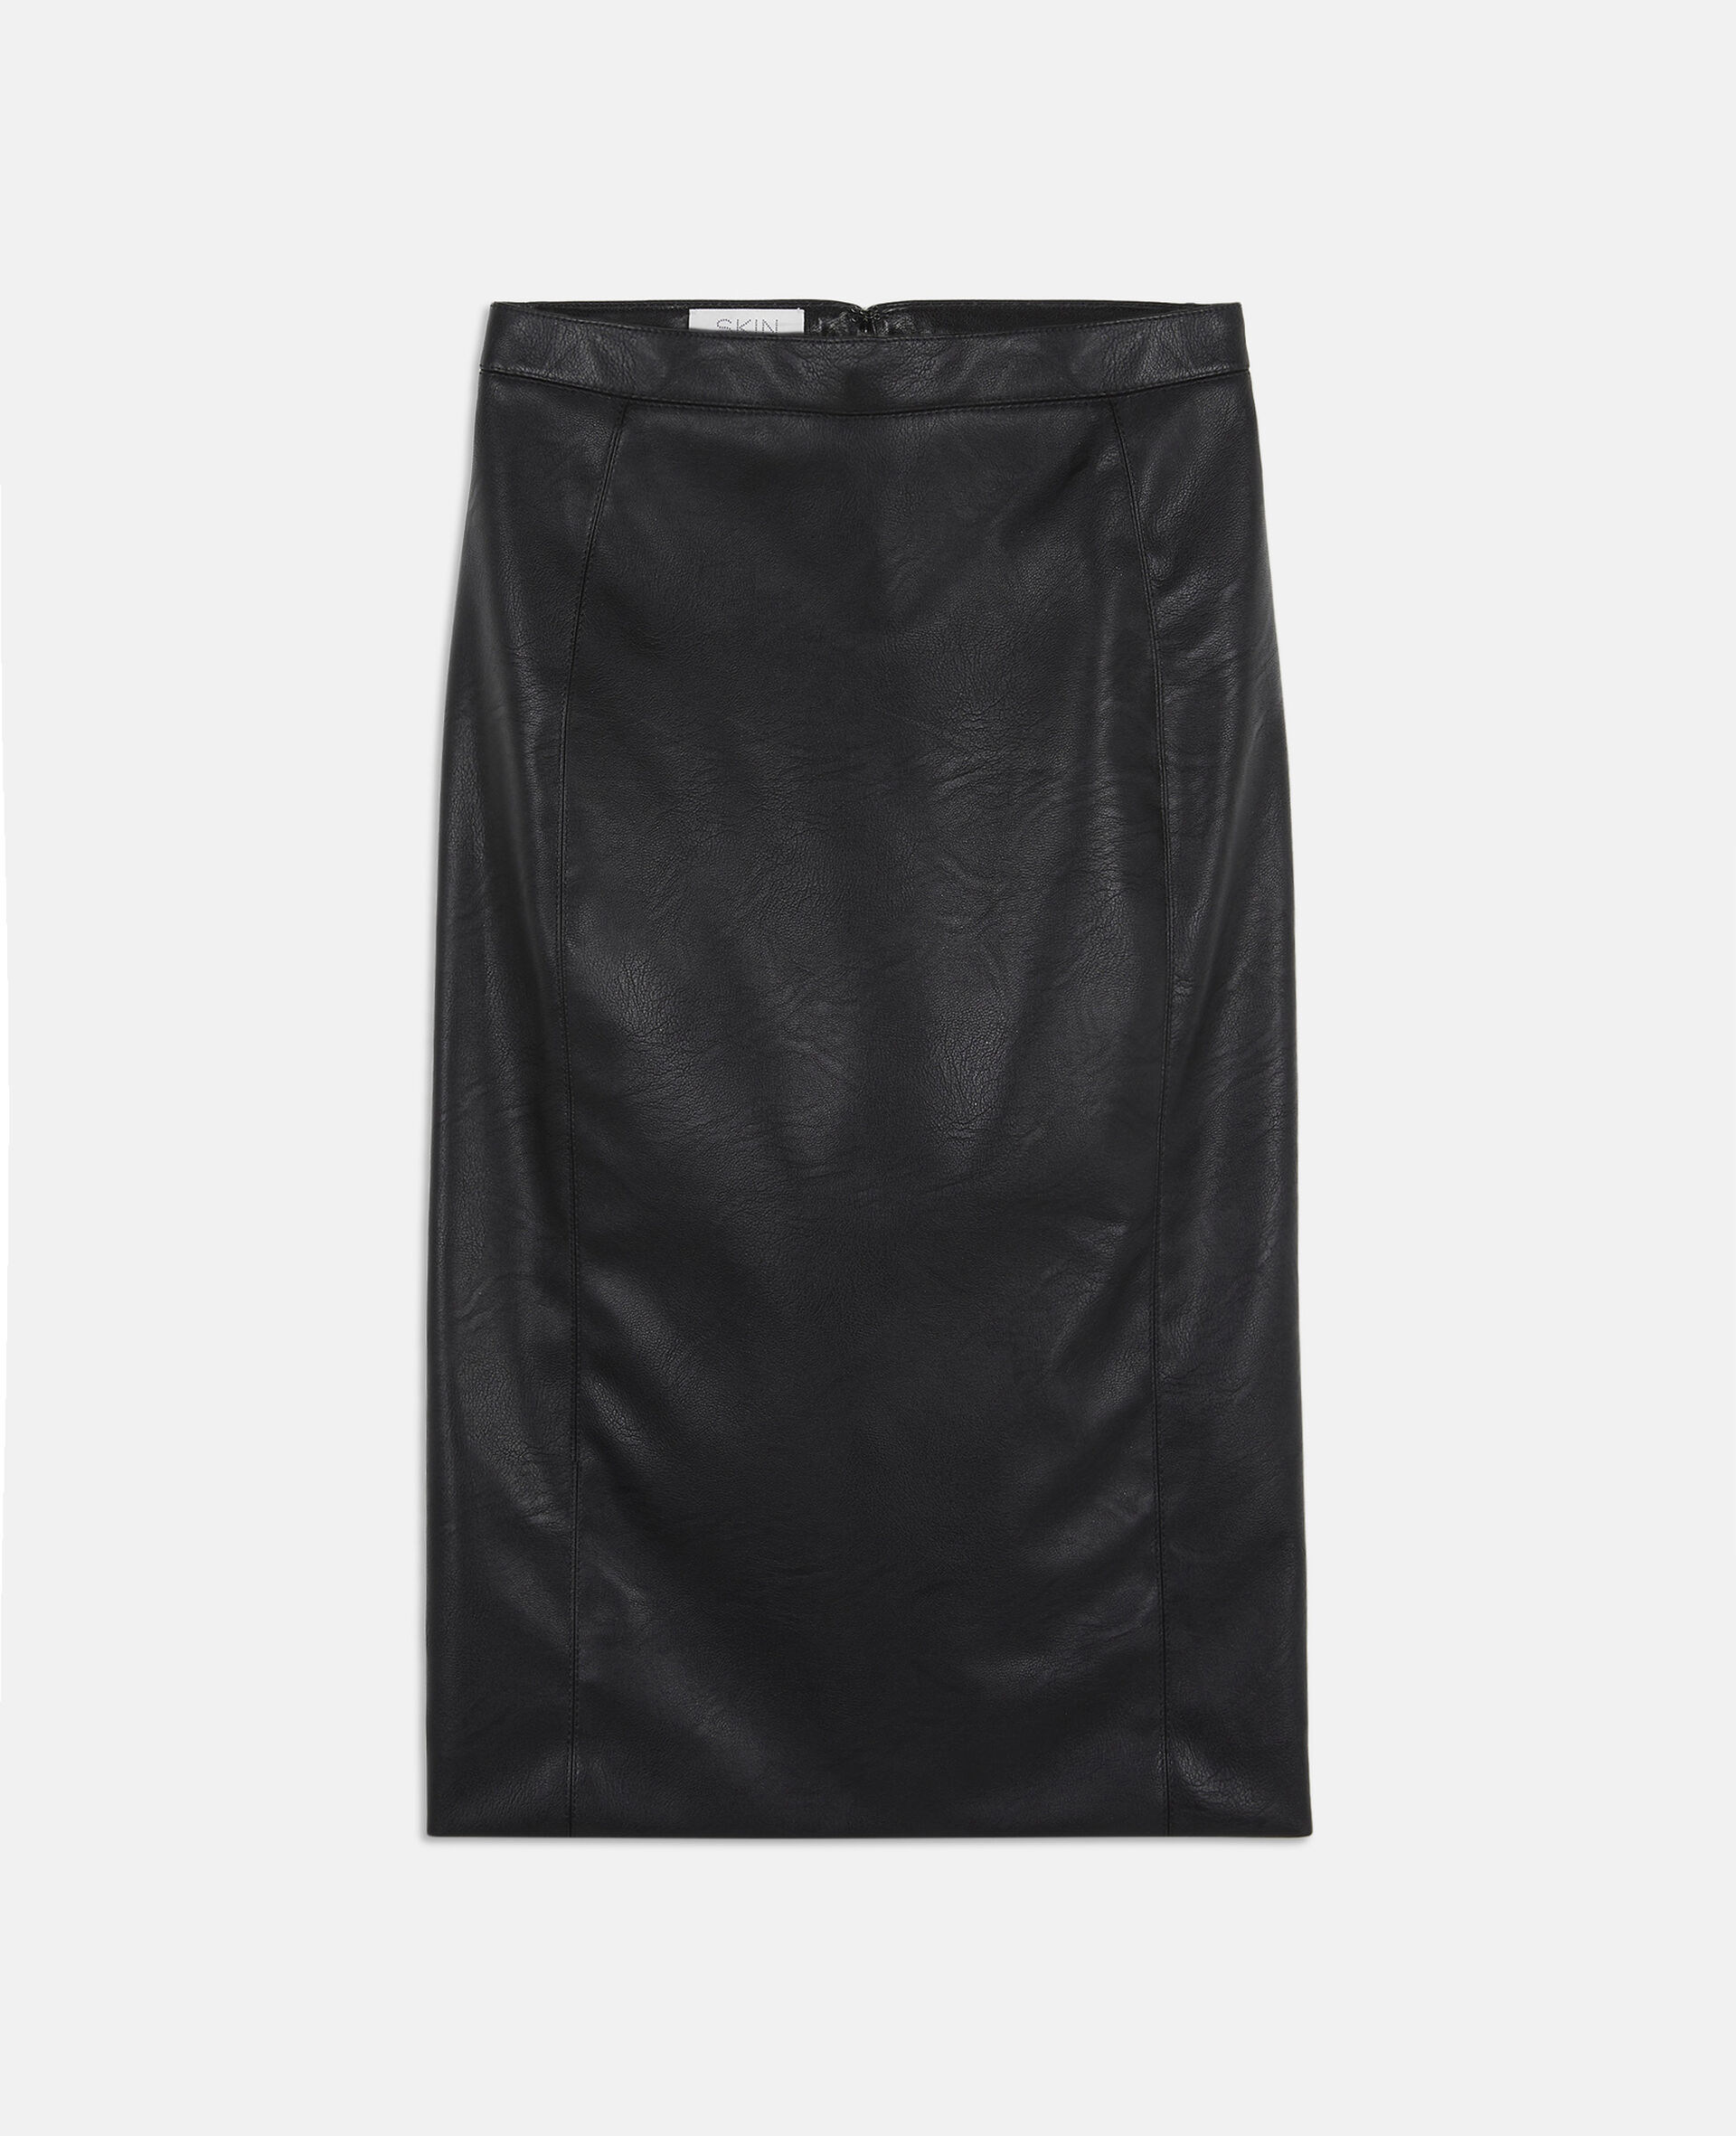 Mansela Black Skirt-Black-large image number 0